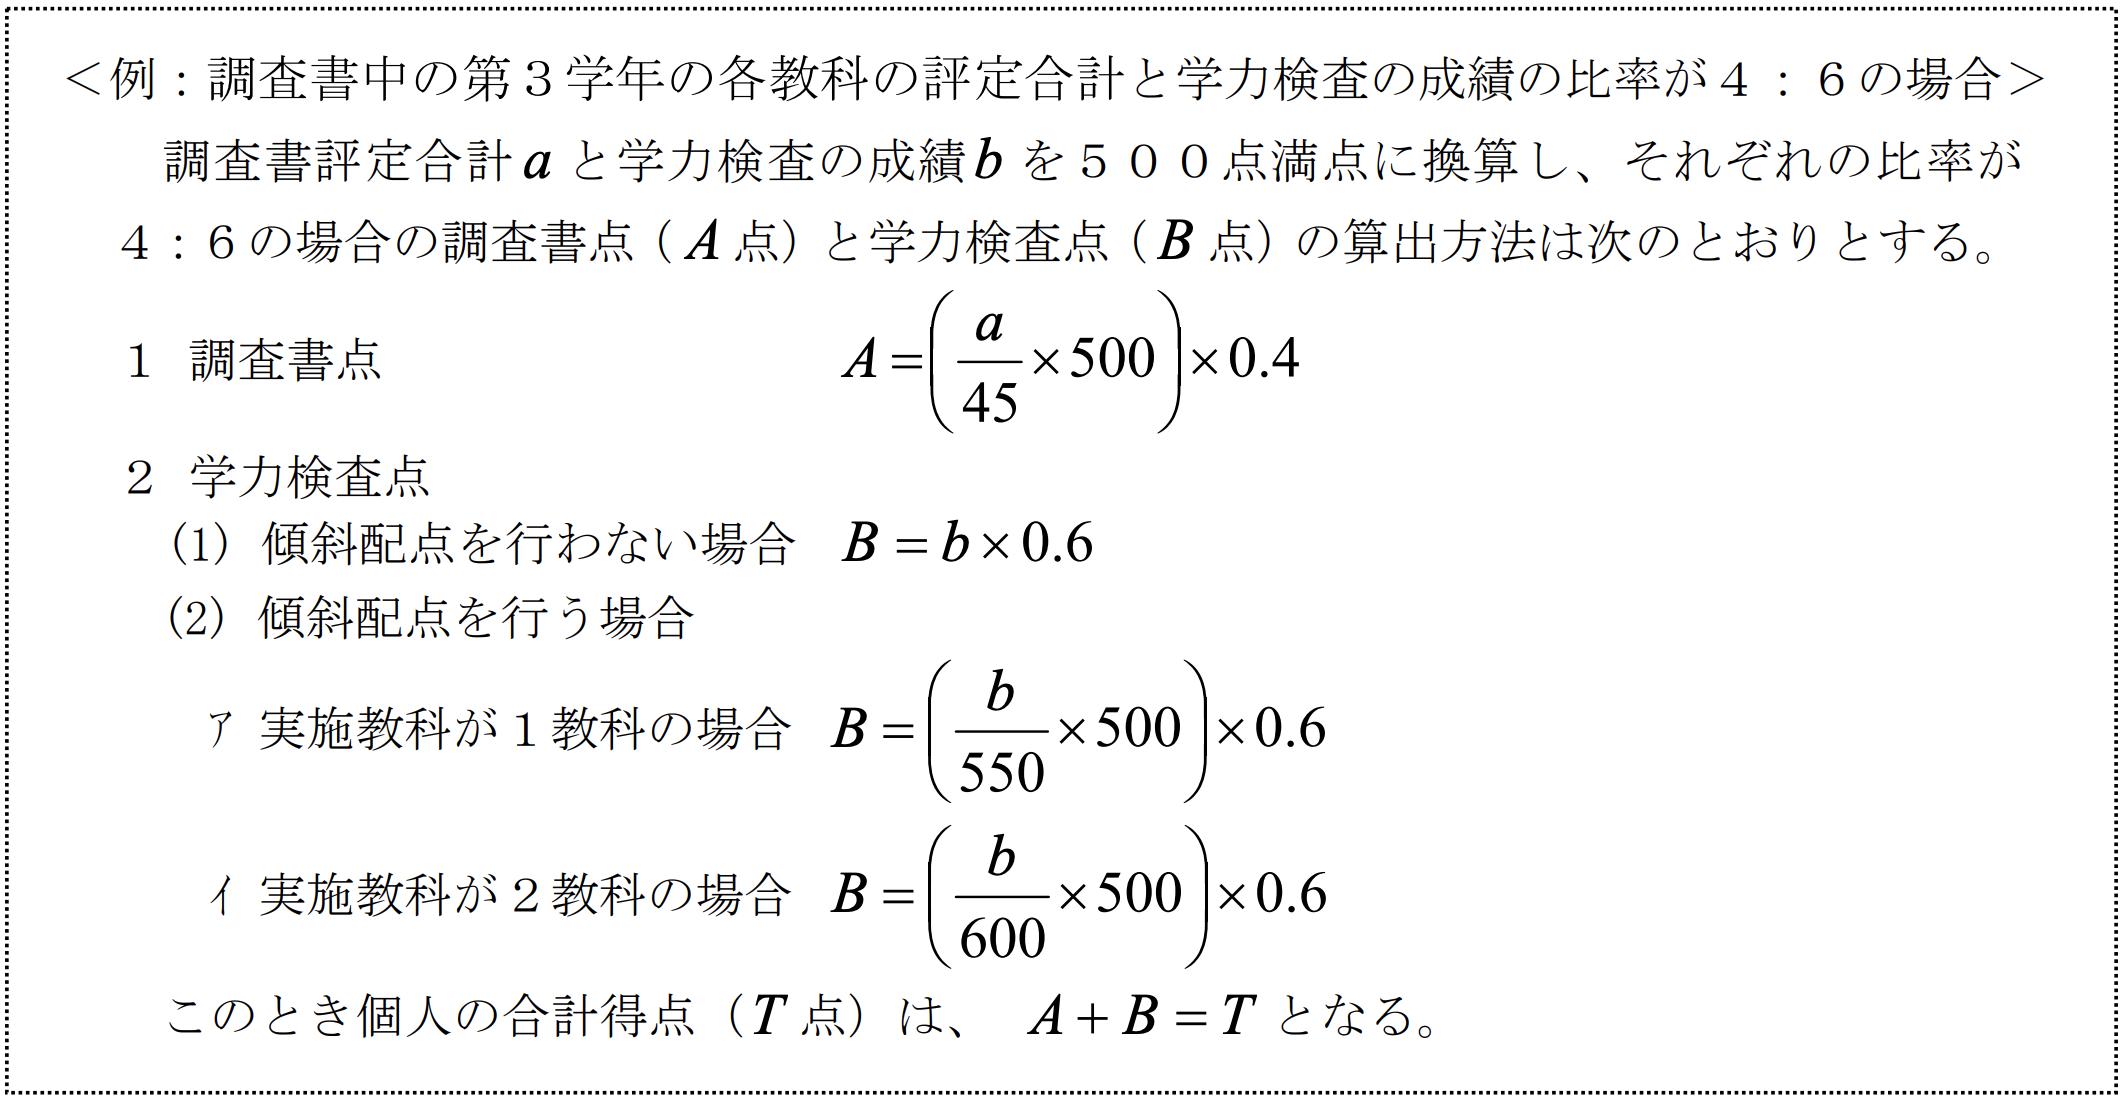 山形県公立高校入試選抜2